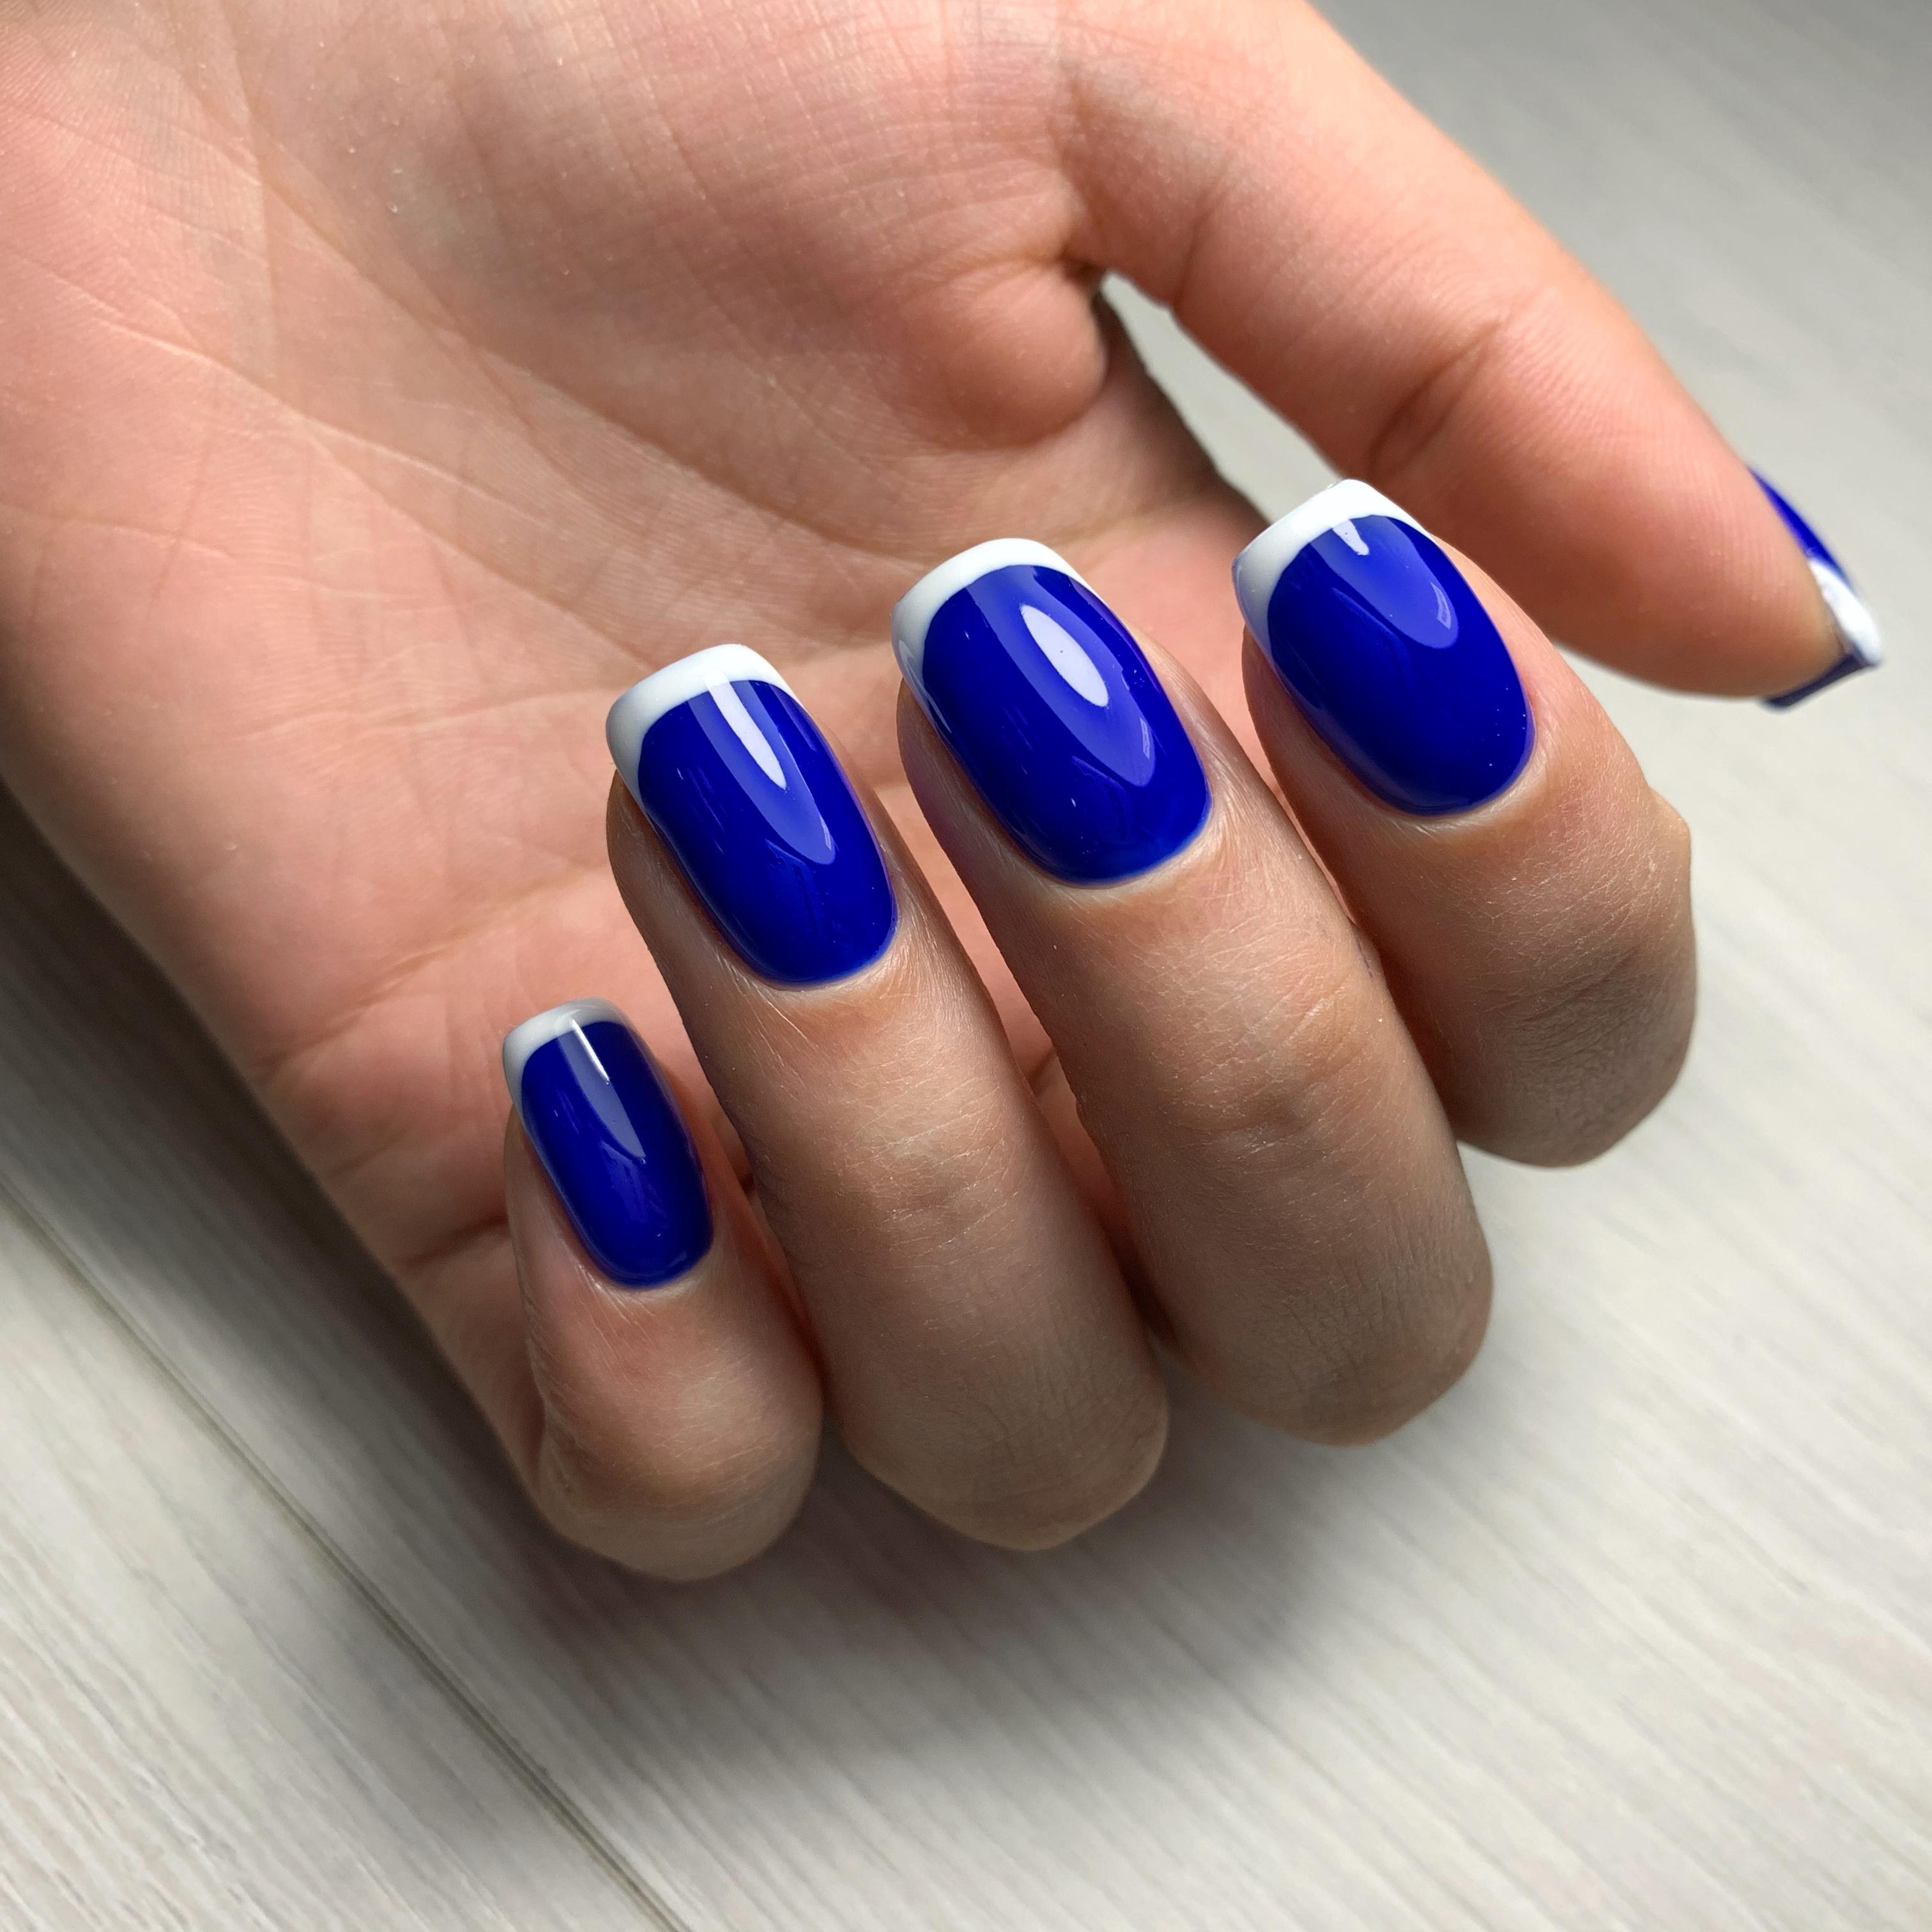 Французский маникюр в синем цвете.